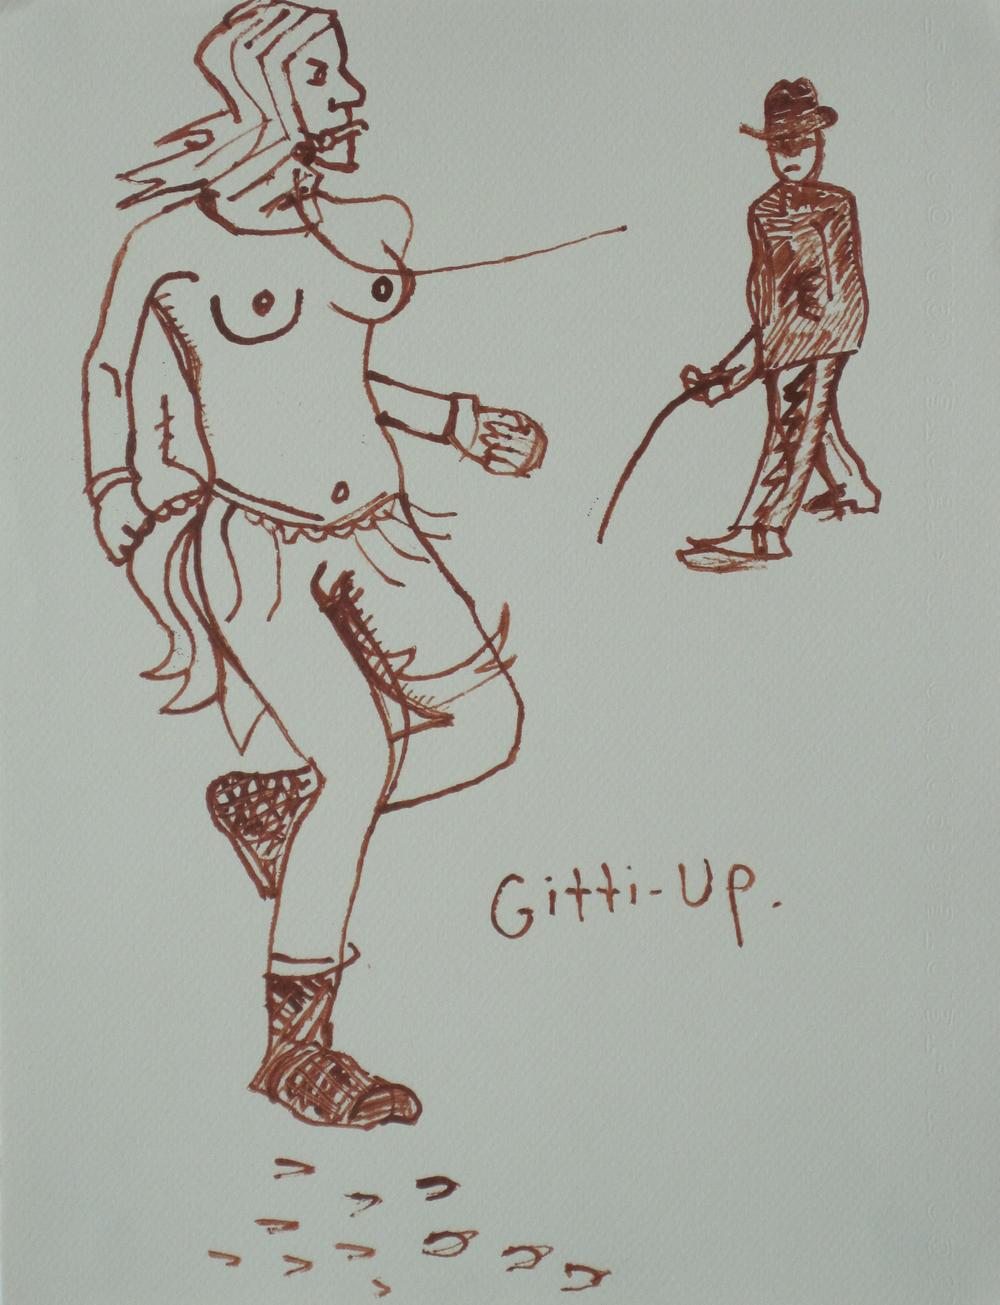 Gitti-up!